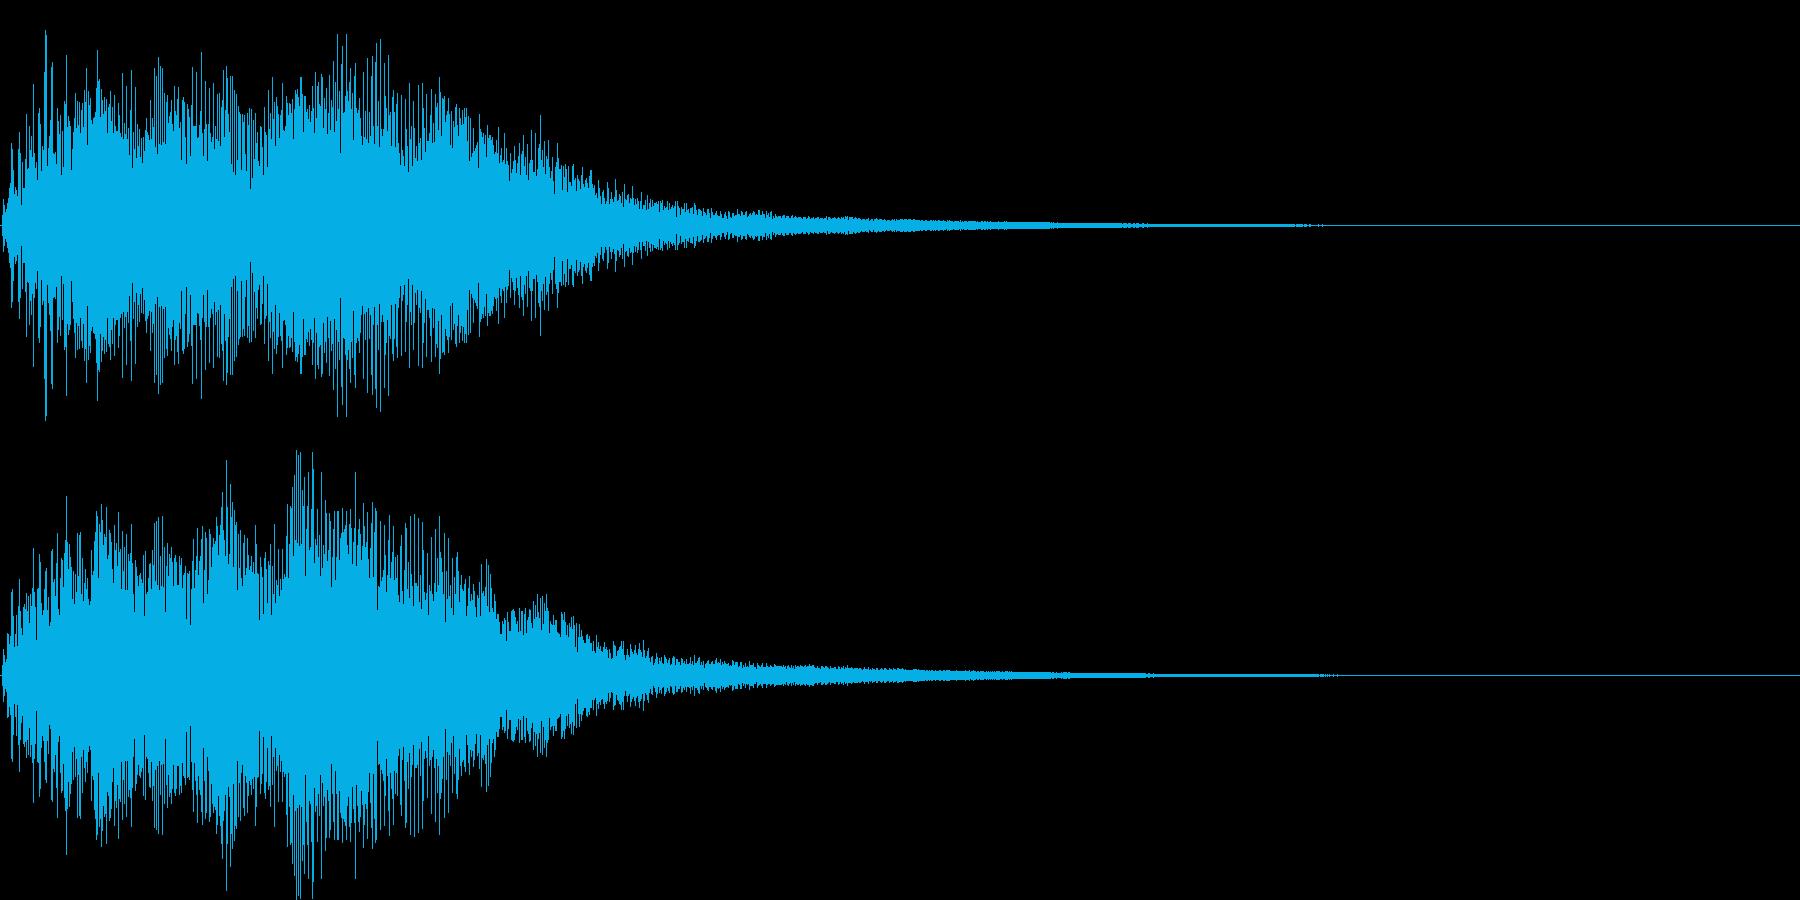 ベンドアップしたCメジャーのリッチな和音の再生済みの波形